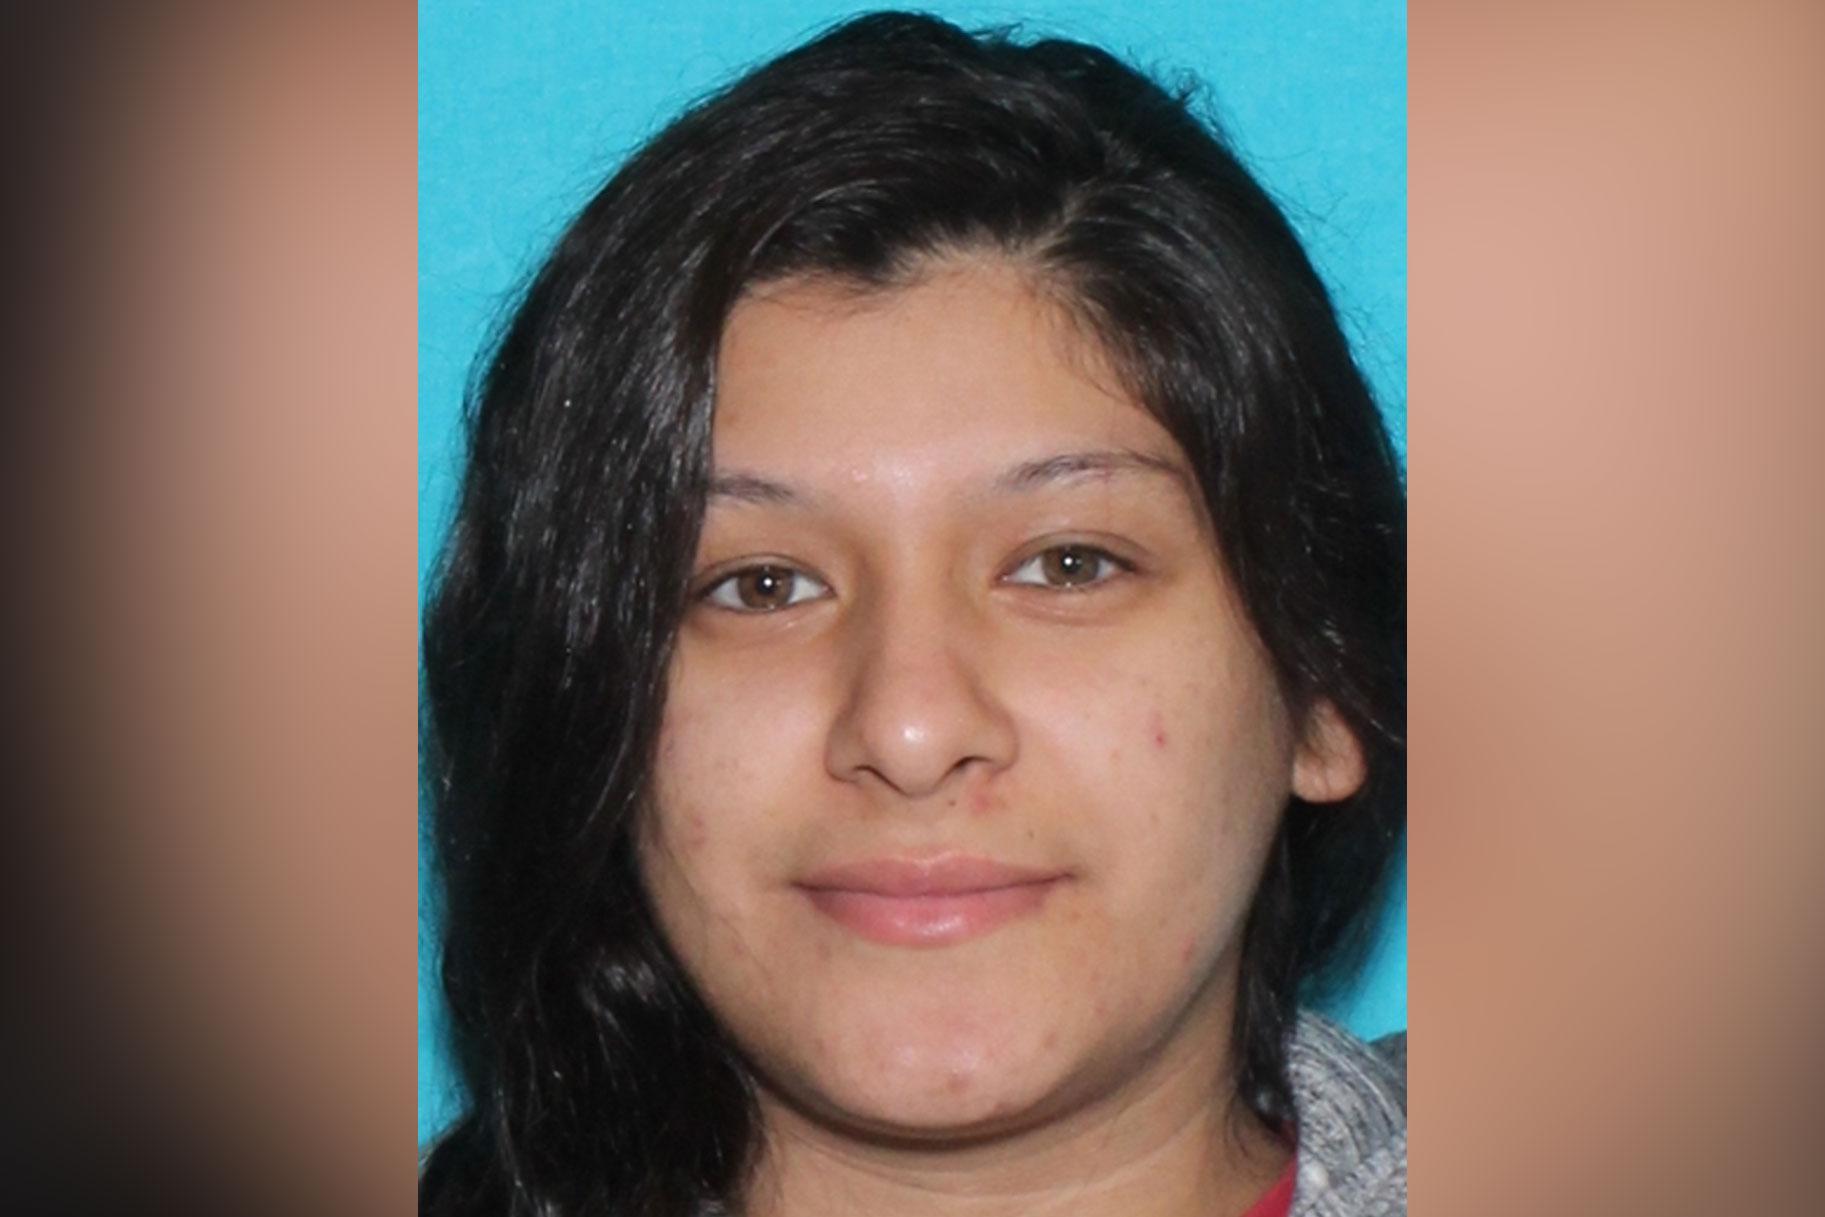 אשת יוטה נחטפה לאור יום ונרצחה, השוטרים אומרים כשהם מכריזים על שני מעצרים